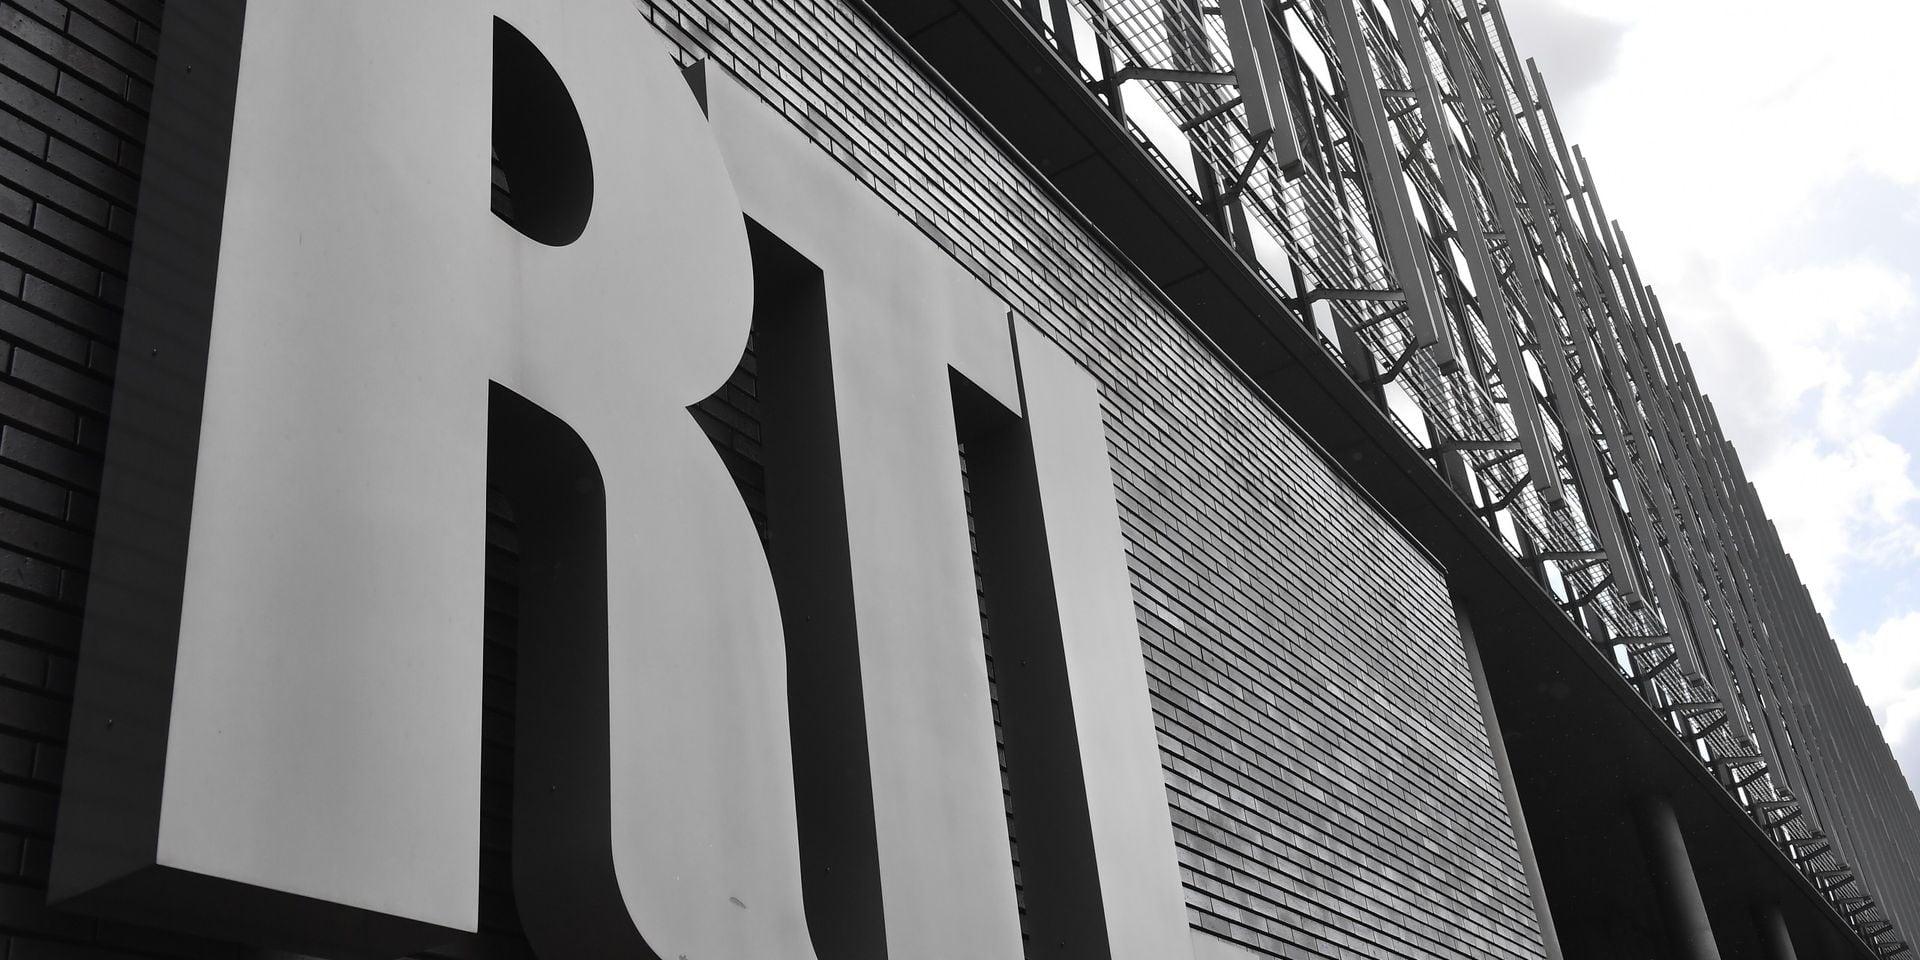 Le duo d'acteurs locaux Rossel et DPG Media confirme le rachat de RTL Belgium